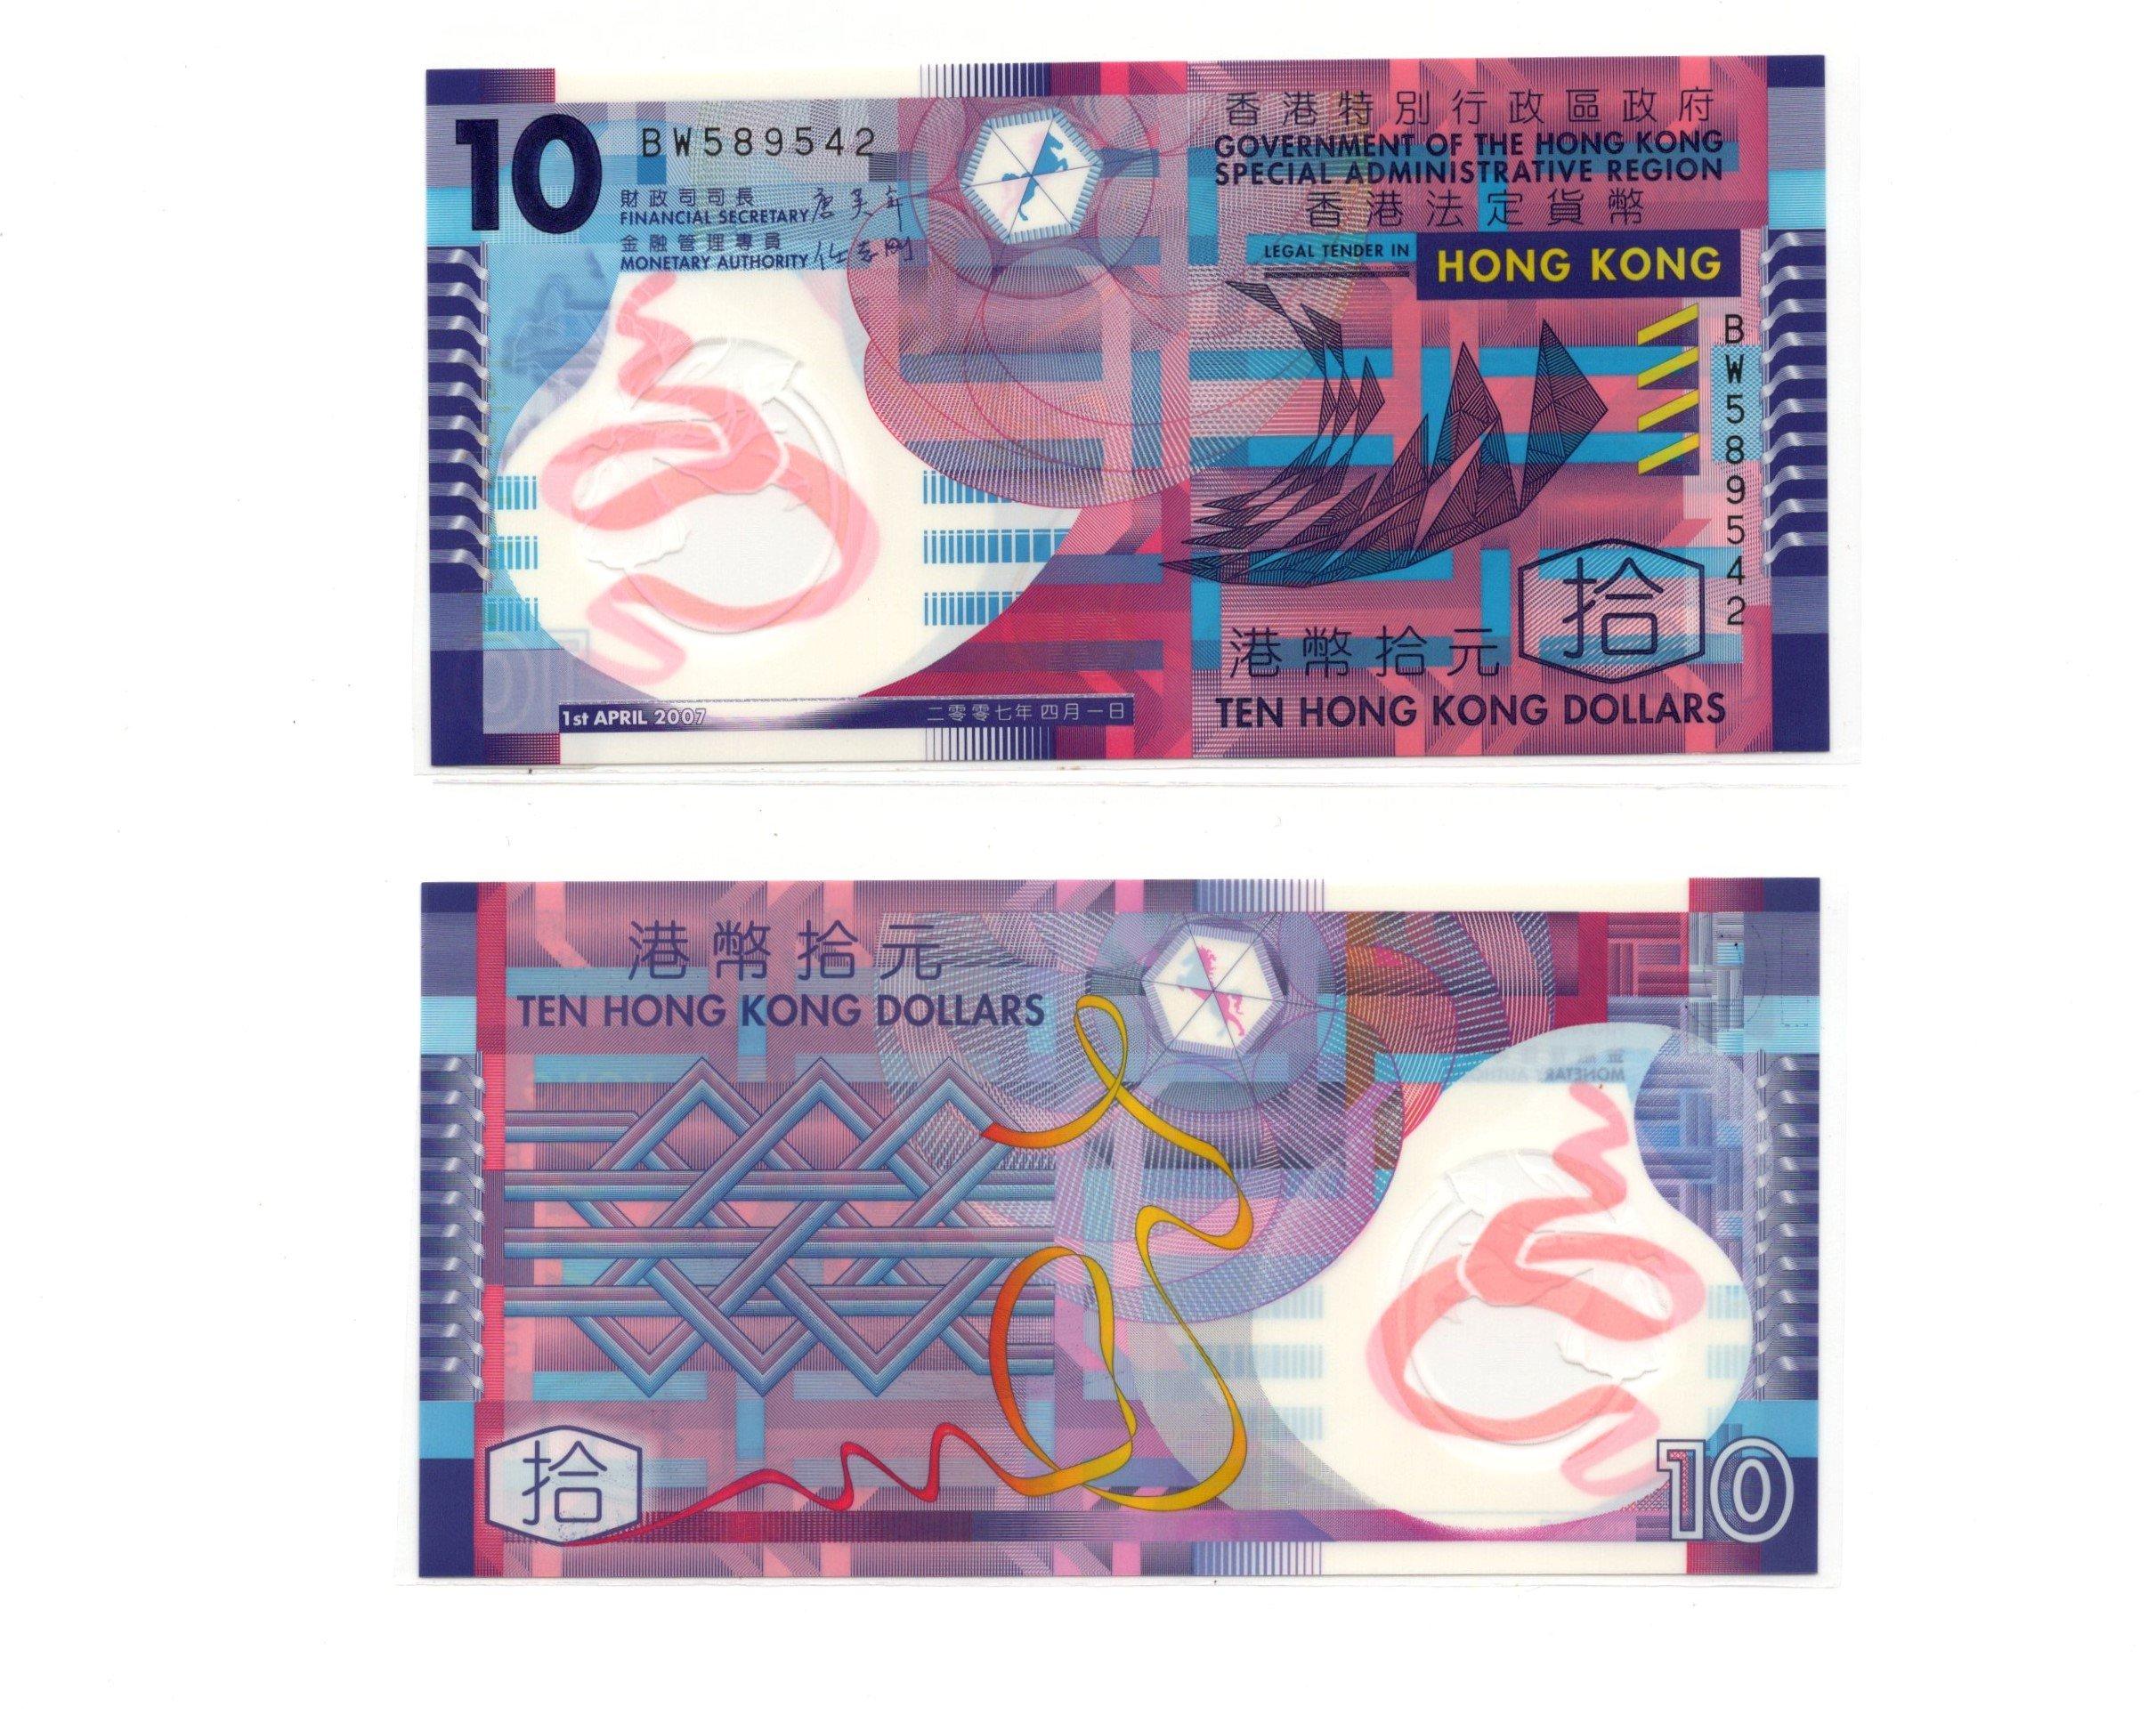 Hong Kong 10 dollars polymer